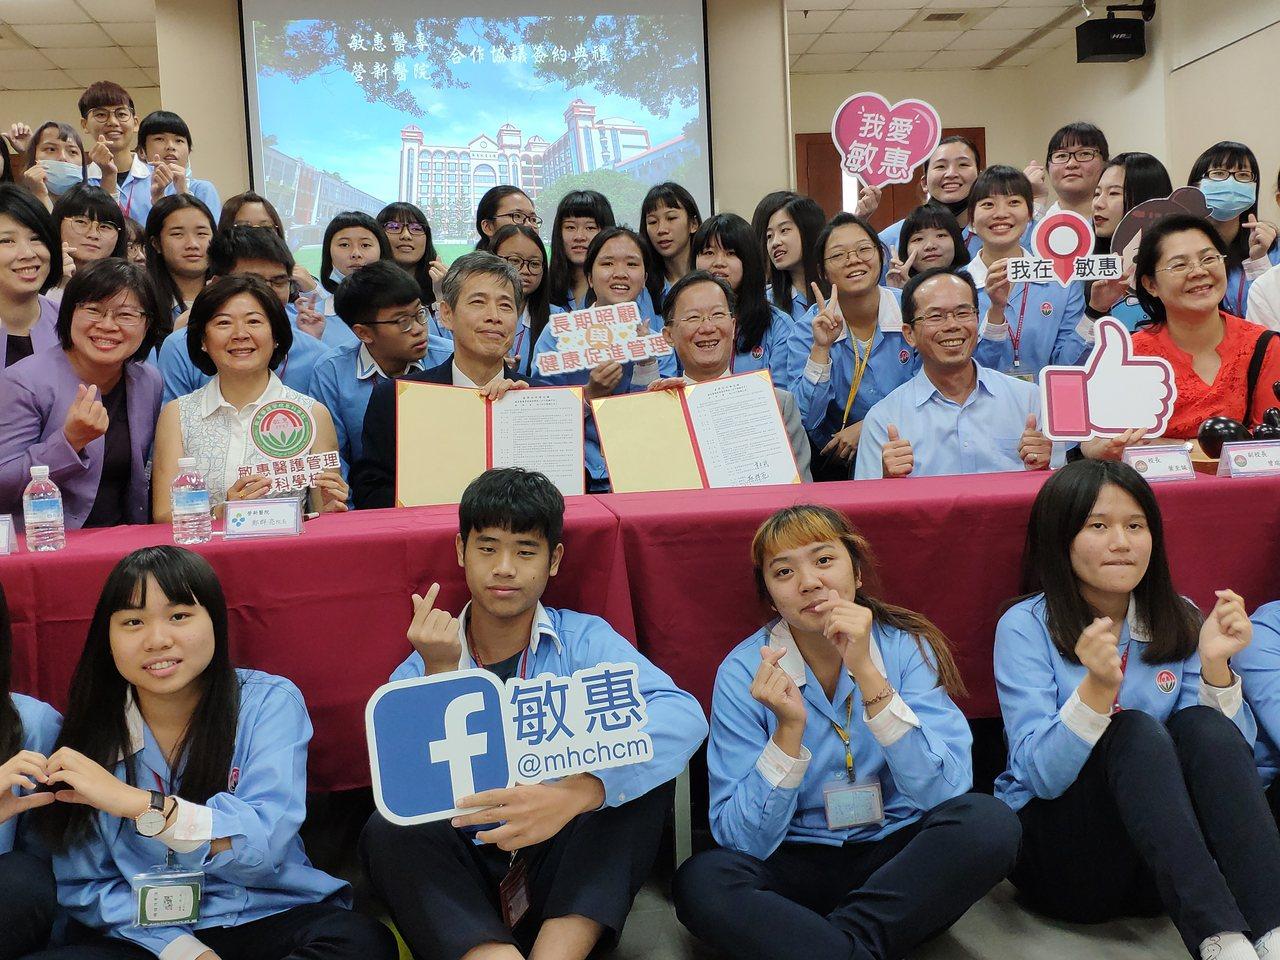 台南市柳營敏惠醫專與新營營新醫院今天上午辦理產學簽約合作。記者謝進盛/攝影